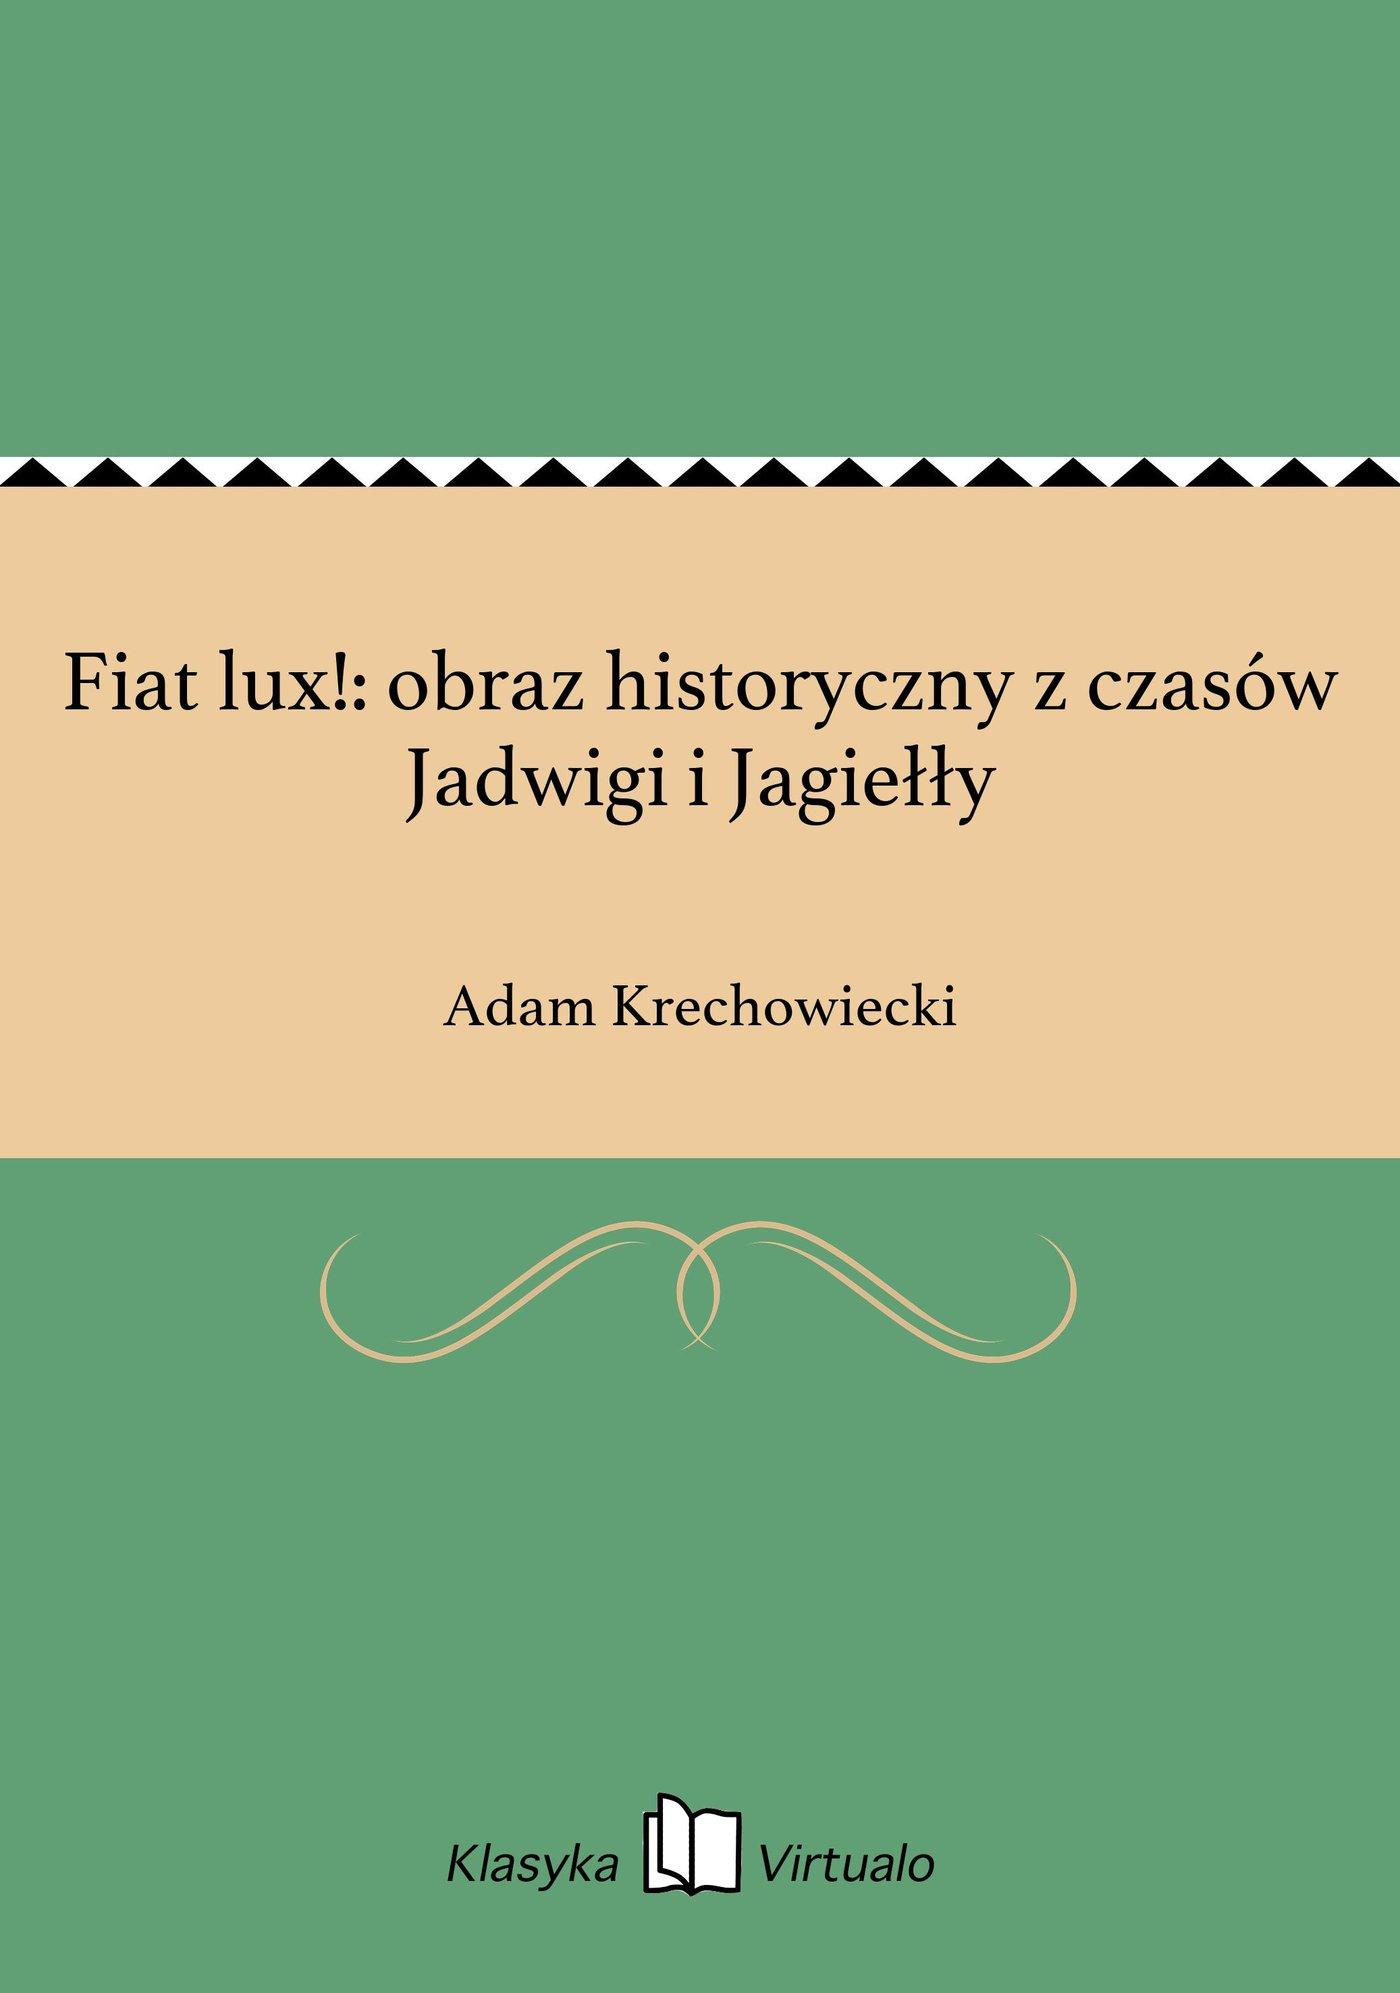 Fiat lux!: obraz historyczny z czasów Jadwigi i Jagiełły - Ebook (Książka na Kindle) do pobrania w formacie MOBI